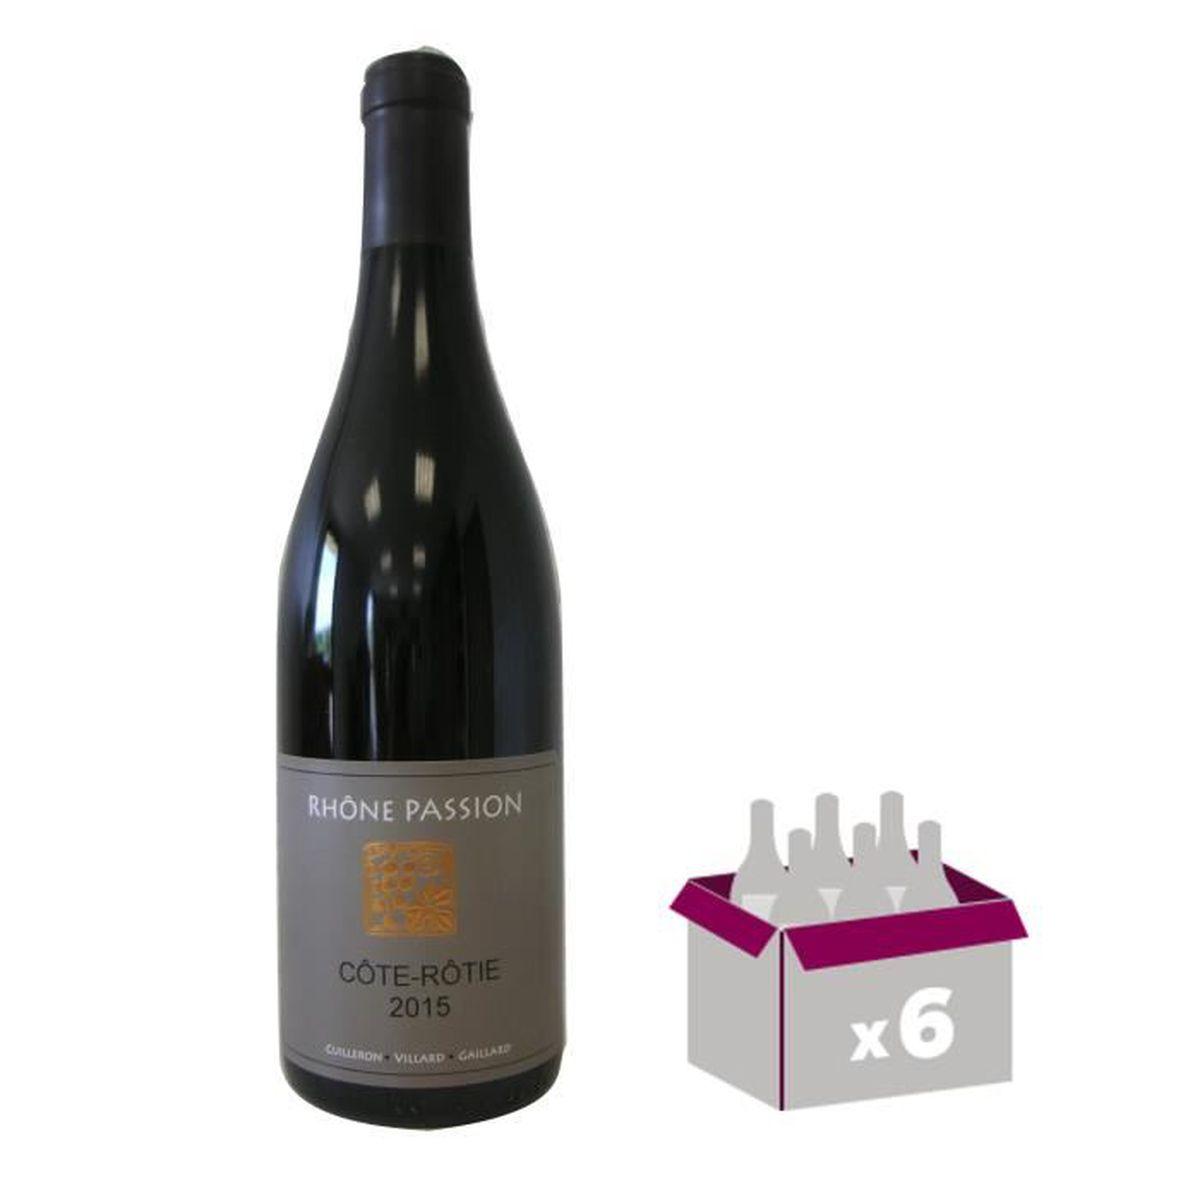 les vins de vienne rh ne passion c te r tie 2015 vin rouge 75cl x6 achat vente vin rouge. Black Bedroom Furniture Sets. Home Design Ideas